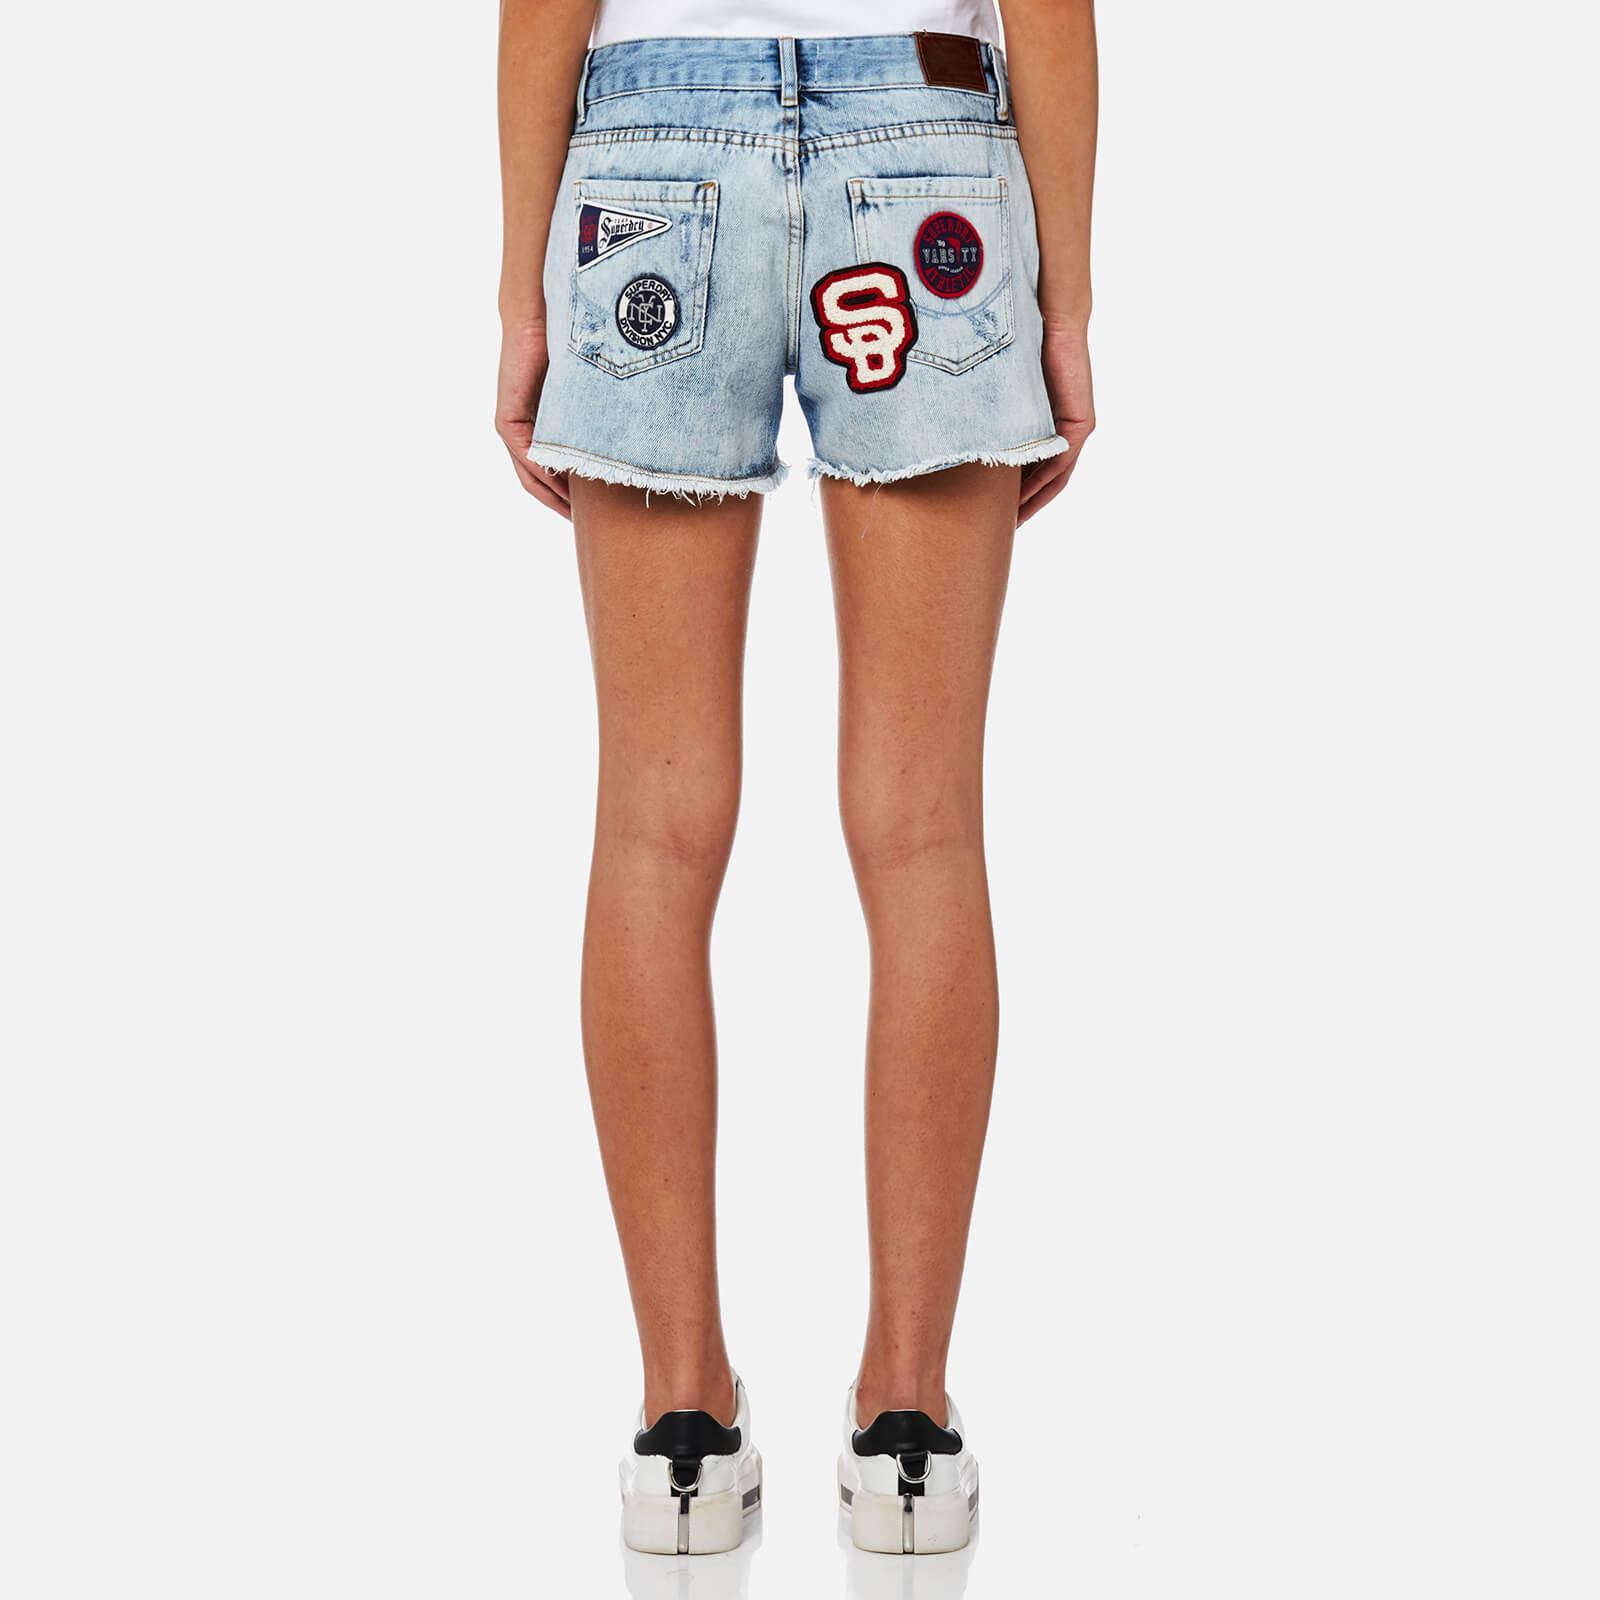 Lyst - Superdry Steph Badged Boyfriend Shorts in Blue 38a36780f014